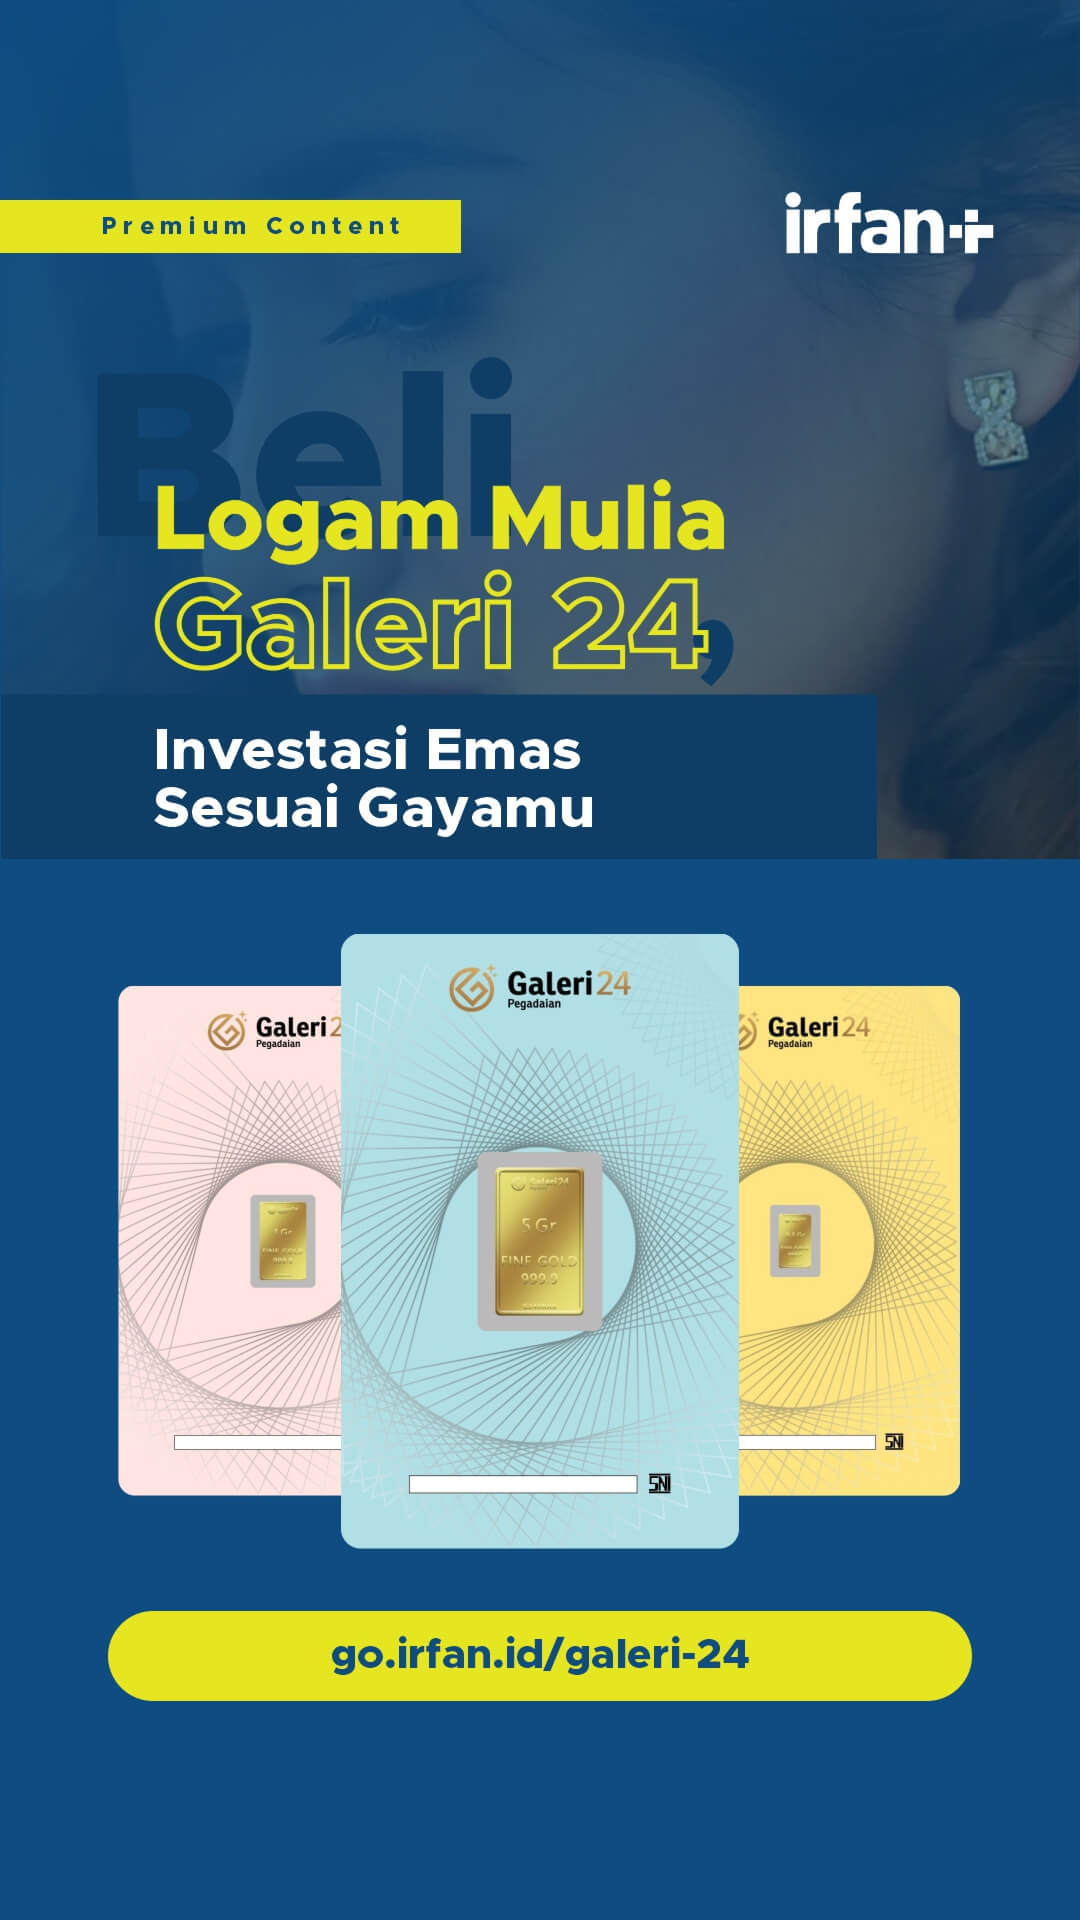 Pengalaman Beli Logam Mulia Galeri 24, Investasi Emas Sesuai Gayamu (UPDATE: 22/4/2020) 46